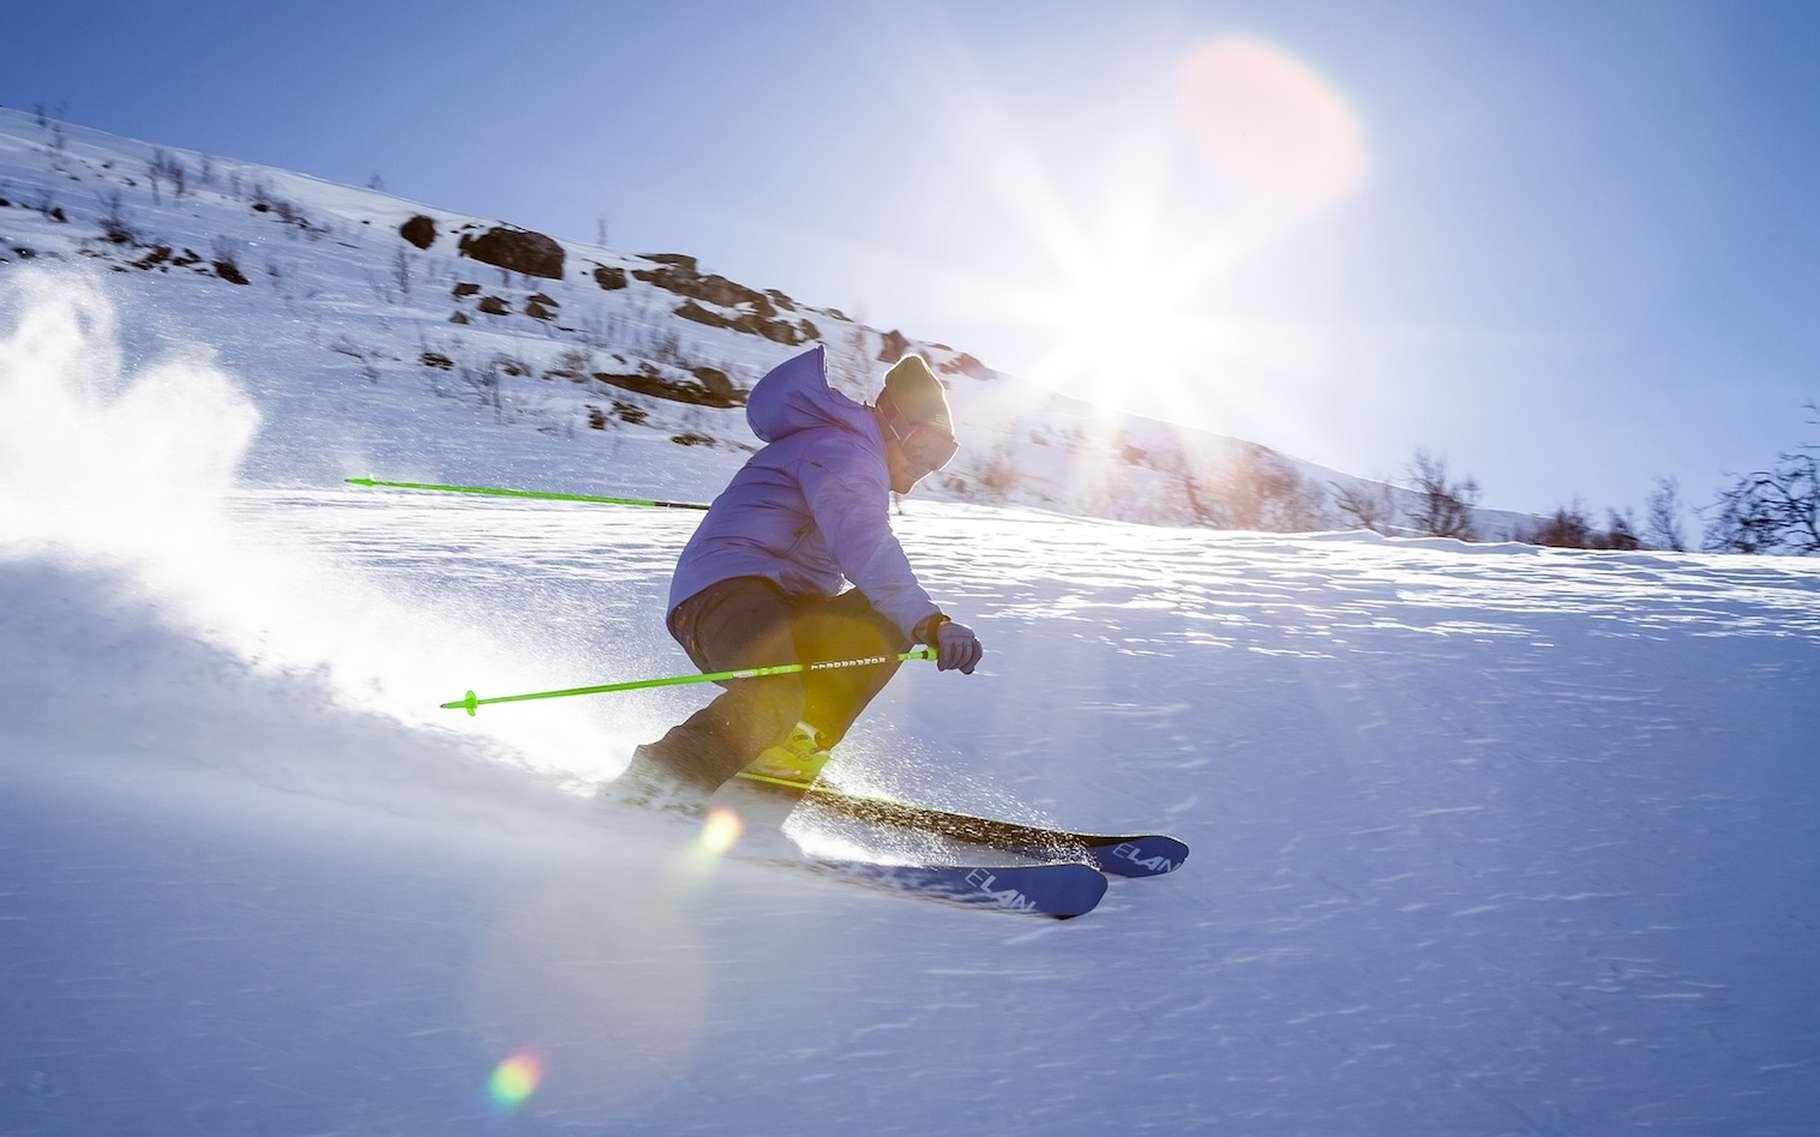 Avant de se lancer sur les pistes enneigées, mieux vaut se préparer. © StockSnap, Pixabay, CC0 Creative Commons